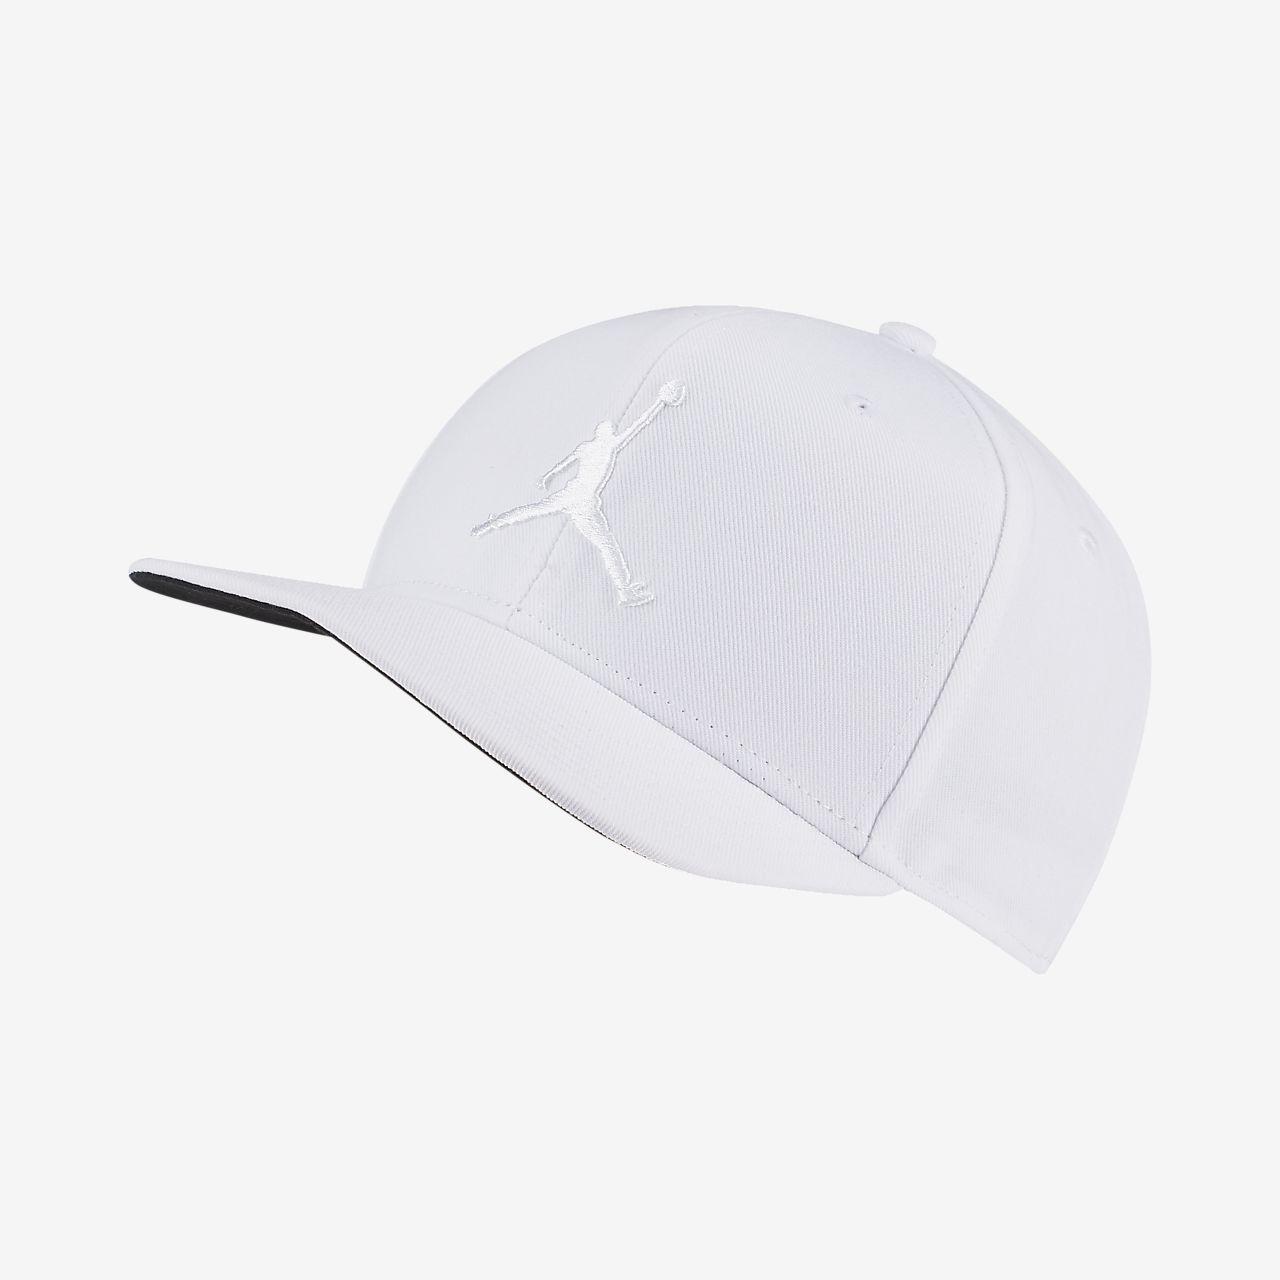 e3a18173f009b9 Jordan Pro Jumpman Snapback Hat. Nike.com